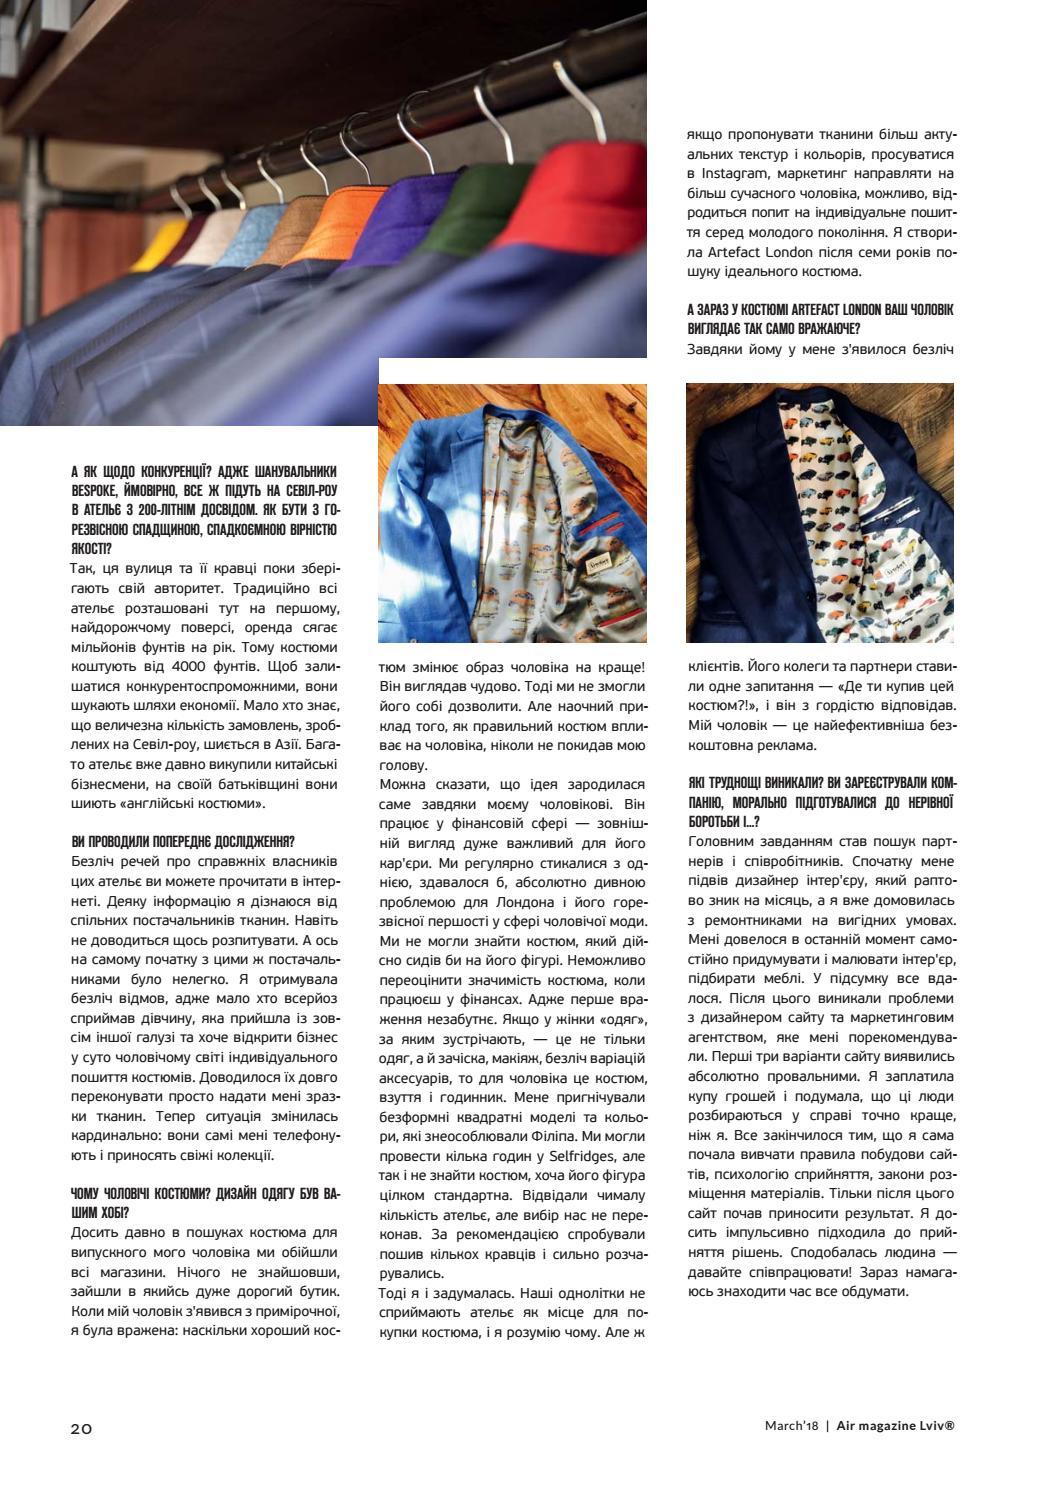 a09d4f1fac820e Air mag lviv #21 web by AIR MAGAZINE LVIV - issuu